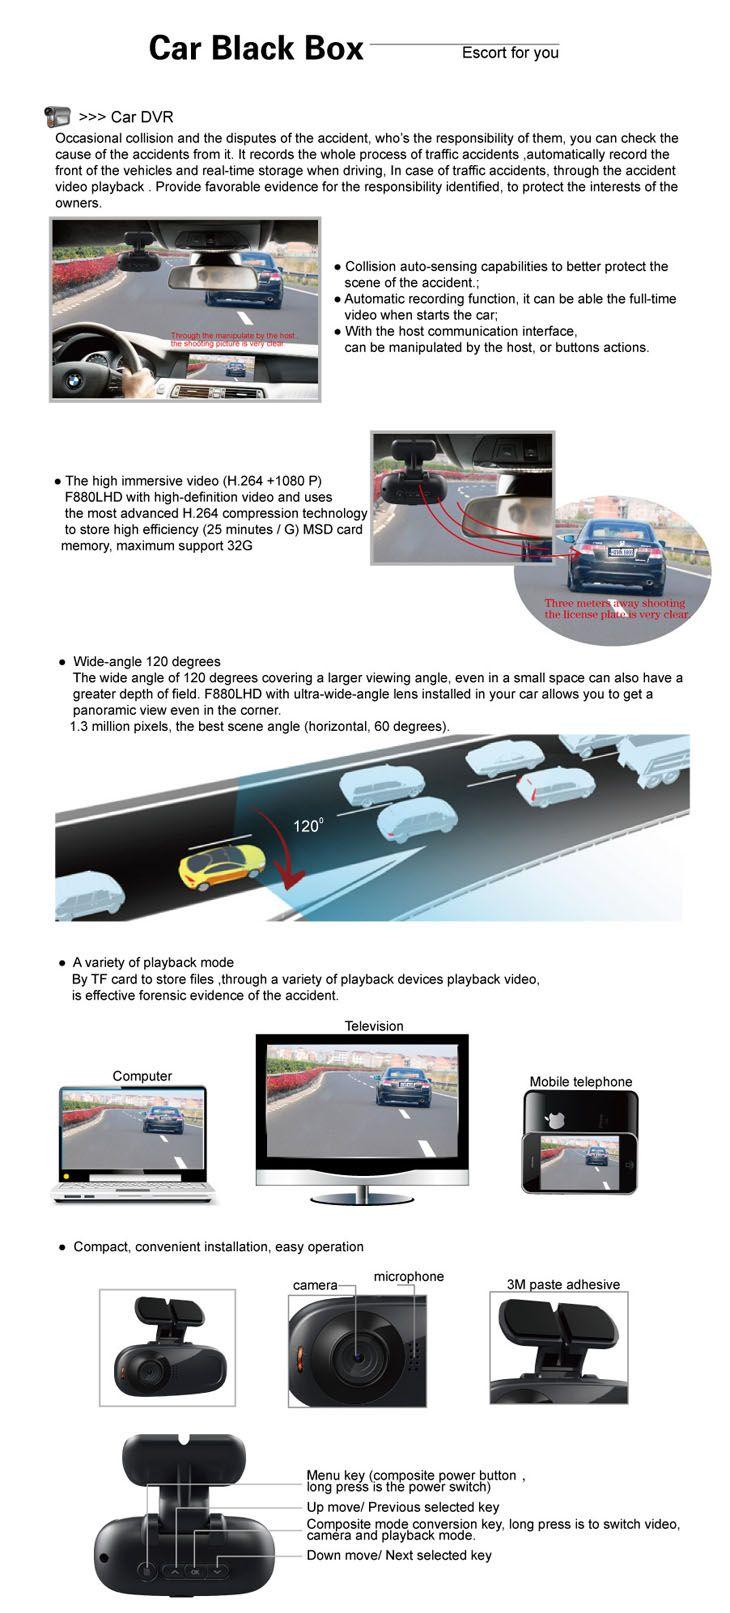 OEM après marché voiture Audio Bluetooth Lecteur DVD pour Chevrolet Colorado avec 3G WiFi GPS E-book A2DP Soutien Radio mise à niveau CAN BUS